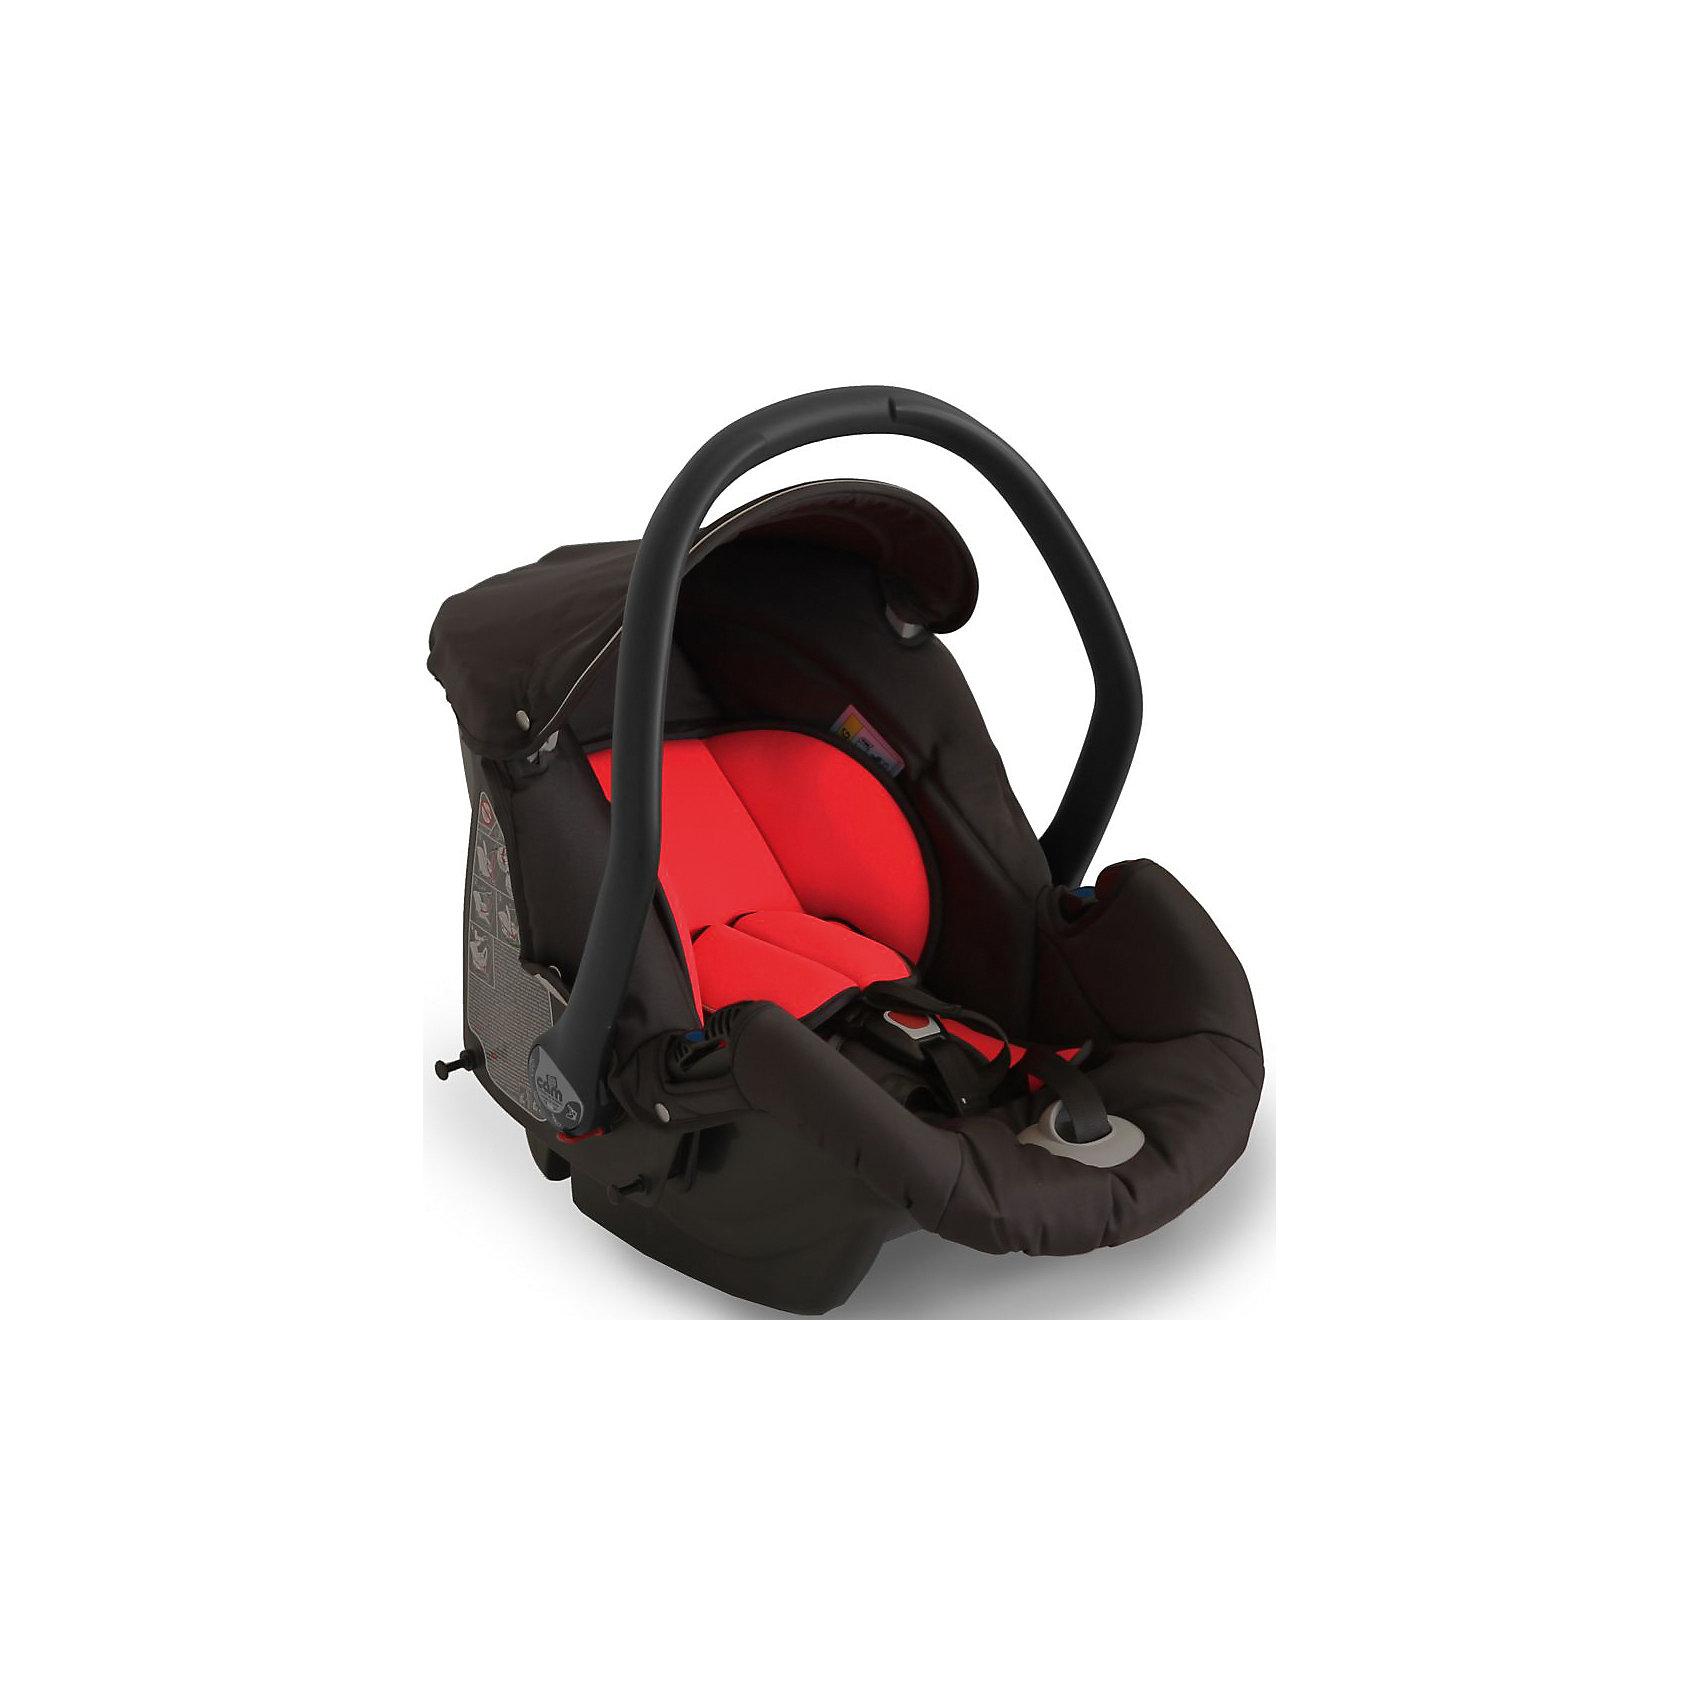 Автокресло Area Zero+, 0-13кг, CAM, рубиновыйАвтокресло Area Zero+, 0-13кг, CAM, рубиновый – удобство и надежность для вашего малыша.<br>Каркас кресла – пластиковый, анатомической формы. Такое кресло не только обеспечивает ребенку правильную посадку, важную при формировании осанки, но еще и надежно защищает его в случае аварии. Ремни безопасности встроены в кресло, с мягкими насадками, которые не допускают травмы при резком торможении. Регулируются по высоте и объему. Закрепляется кресло с помощью штатных ремней безопасности против хода движения. Можно использовать и походу движения. Есть съемный чехол, удобная ручка для переноски, конструкция для укачивания. Кресло подходит для всех колясок фирмы CAM.<br><br>Дополнительная информация:<br><br>- вес ребенка: до 13 кг<br>- размер: 65 х 44 х 58 см<br>- вес кресла: 3,6 кг<br>- цвет: рубиновый<br><br>Автокресло Area Zero+, 0-13кг, CAM, рубиновый можно купить в нашем интернет магазине.<br><br>Ширина мм: 490<br>Глубина мм: 450<br>Высота мм: 755<br>Вес г: 5000<br>Возраст от месяцев: 0<br>Возраст до месяцев: 12<br>Пол: Женский<br>Возраст: Детский<br>SKU: 5013493